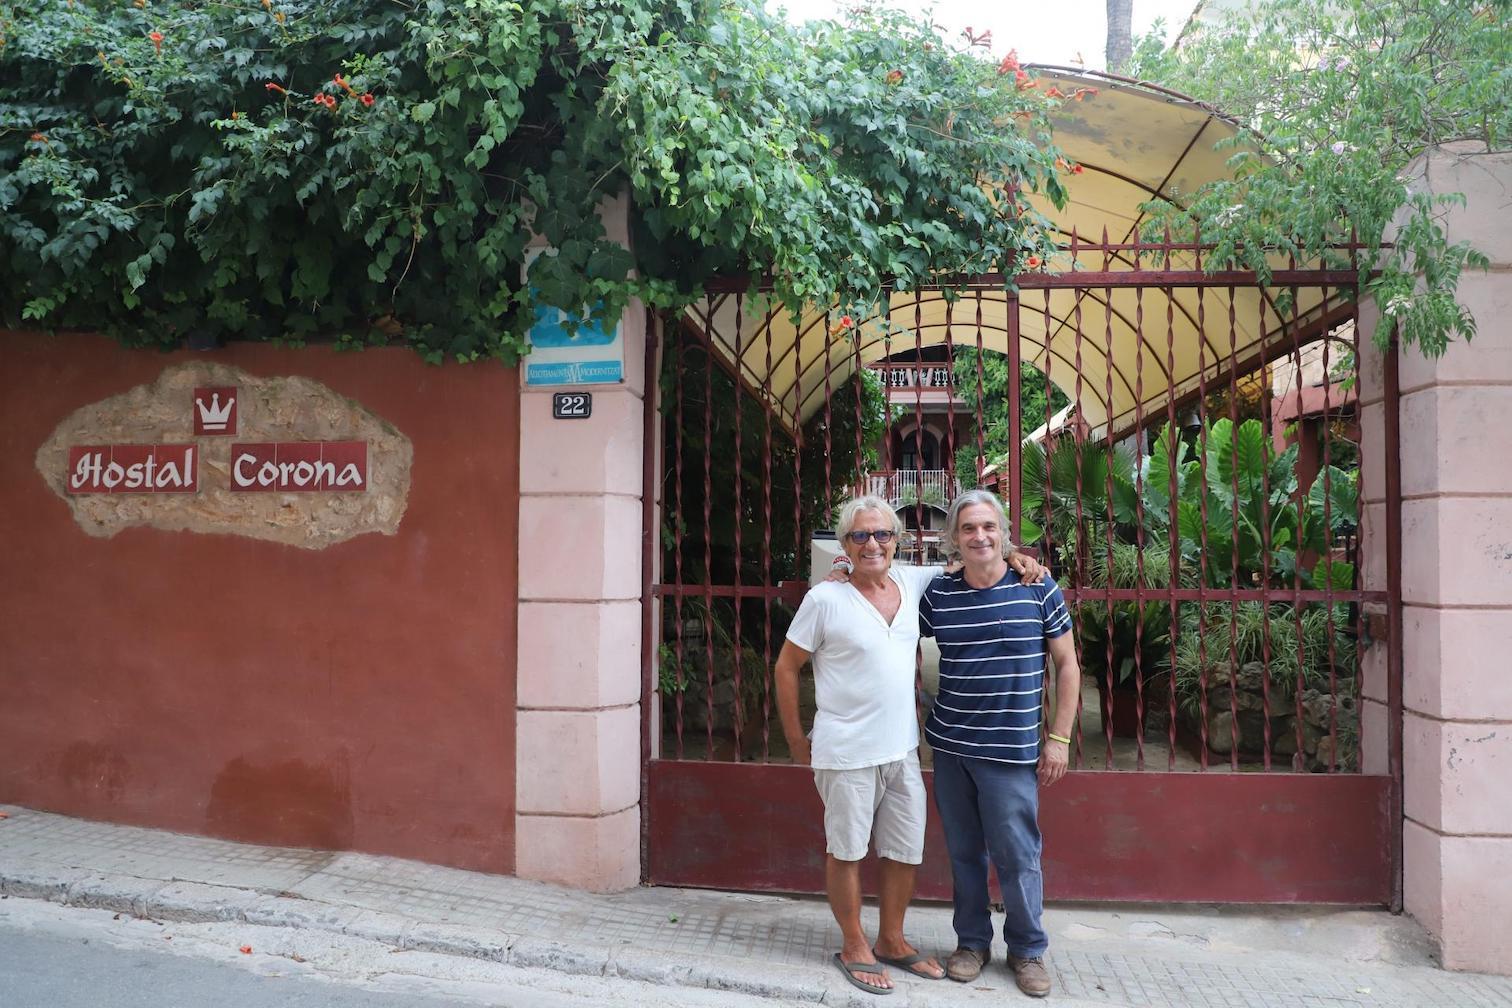 Cristóbal & Diego Navarro outside Hostal Corona, El Terreno.